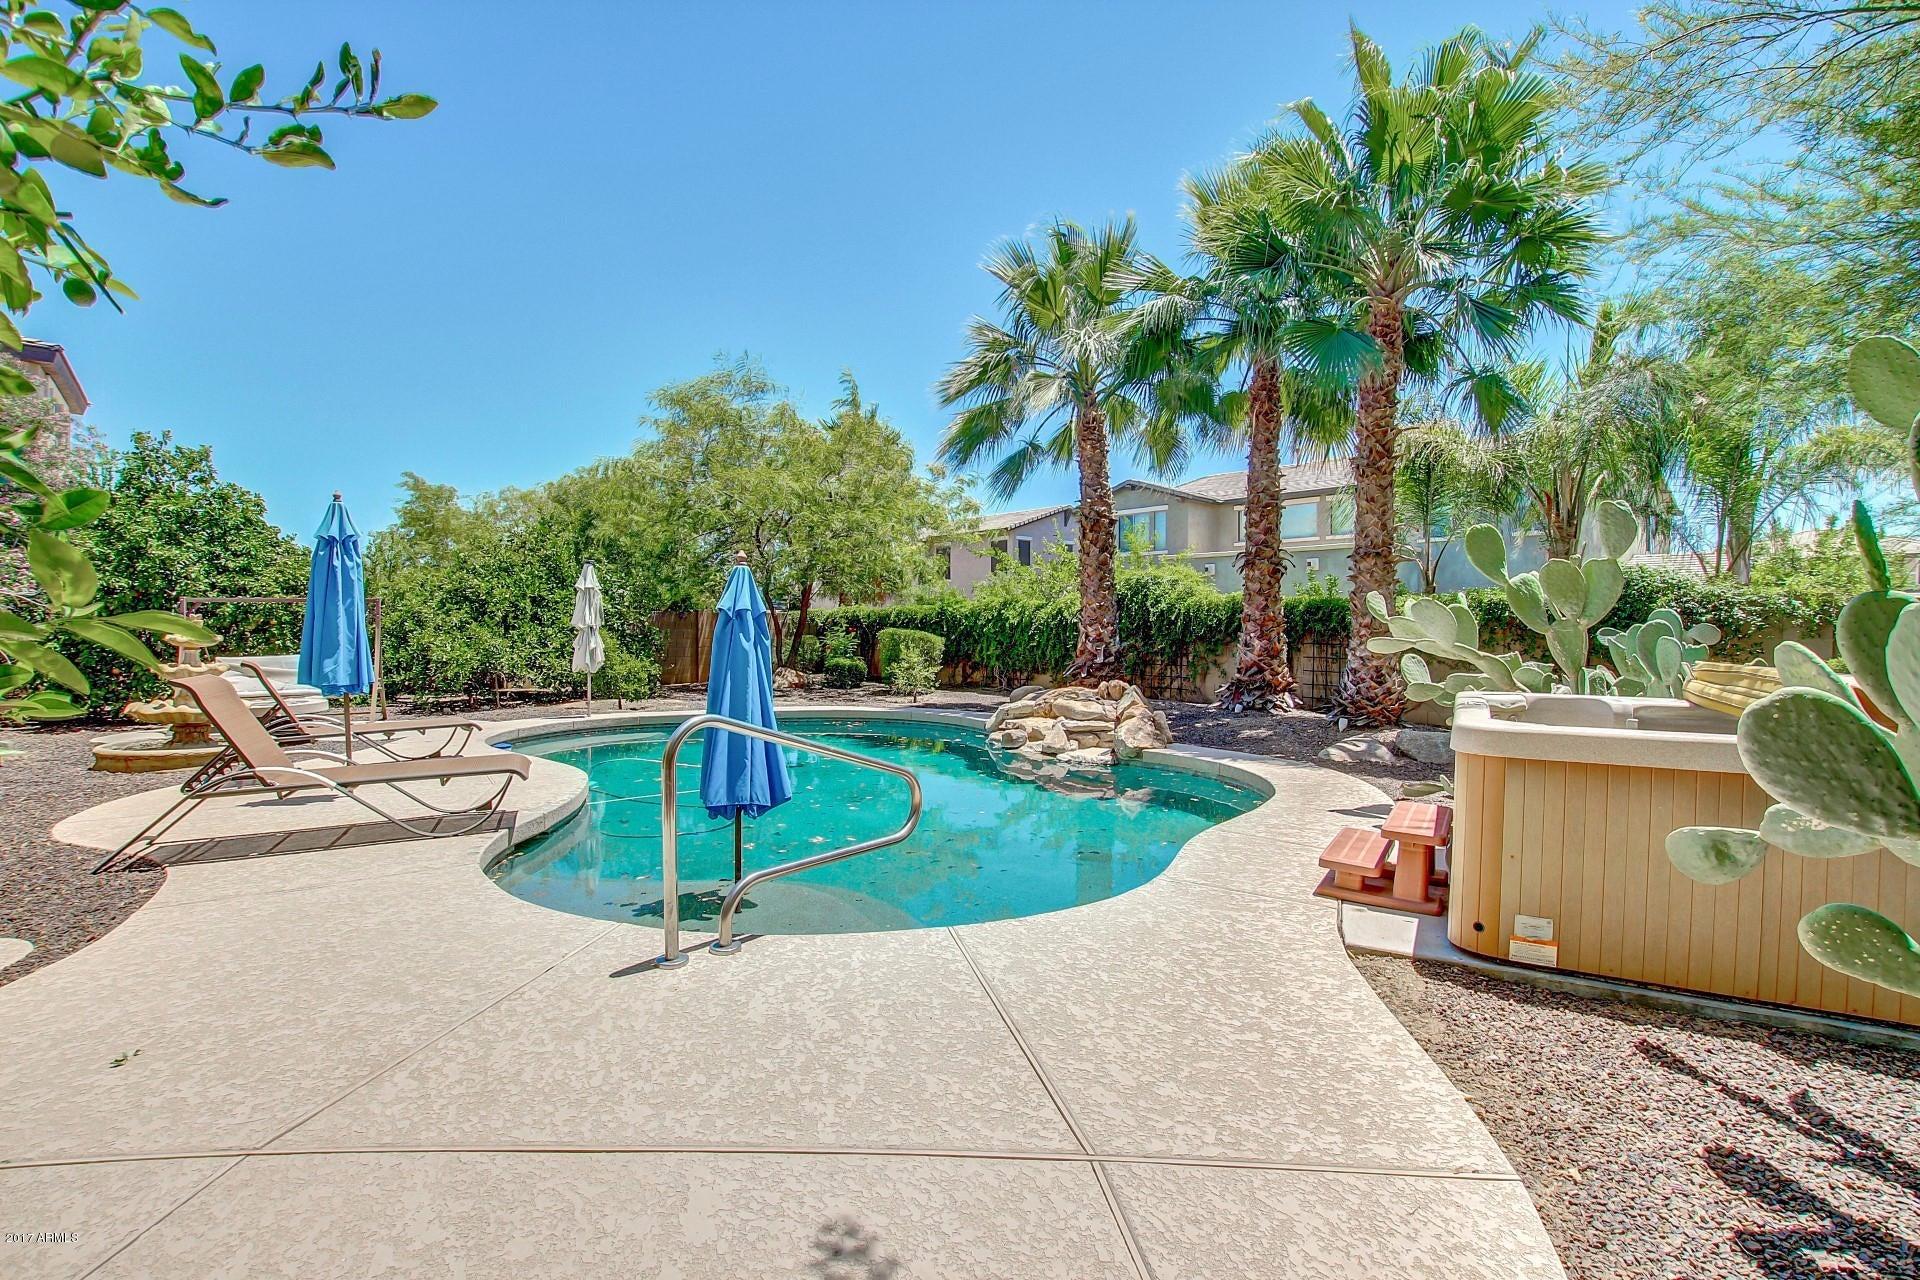 MLS 5608627 15427 W MEADOWBROOK Avenue, Goodyear, AZ 85395 Goodyear AZ Four Bedroom